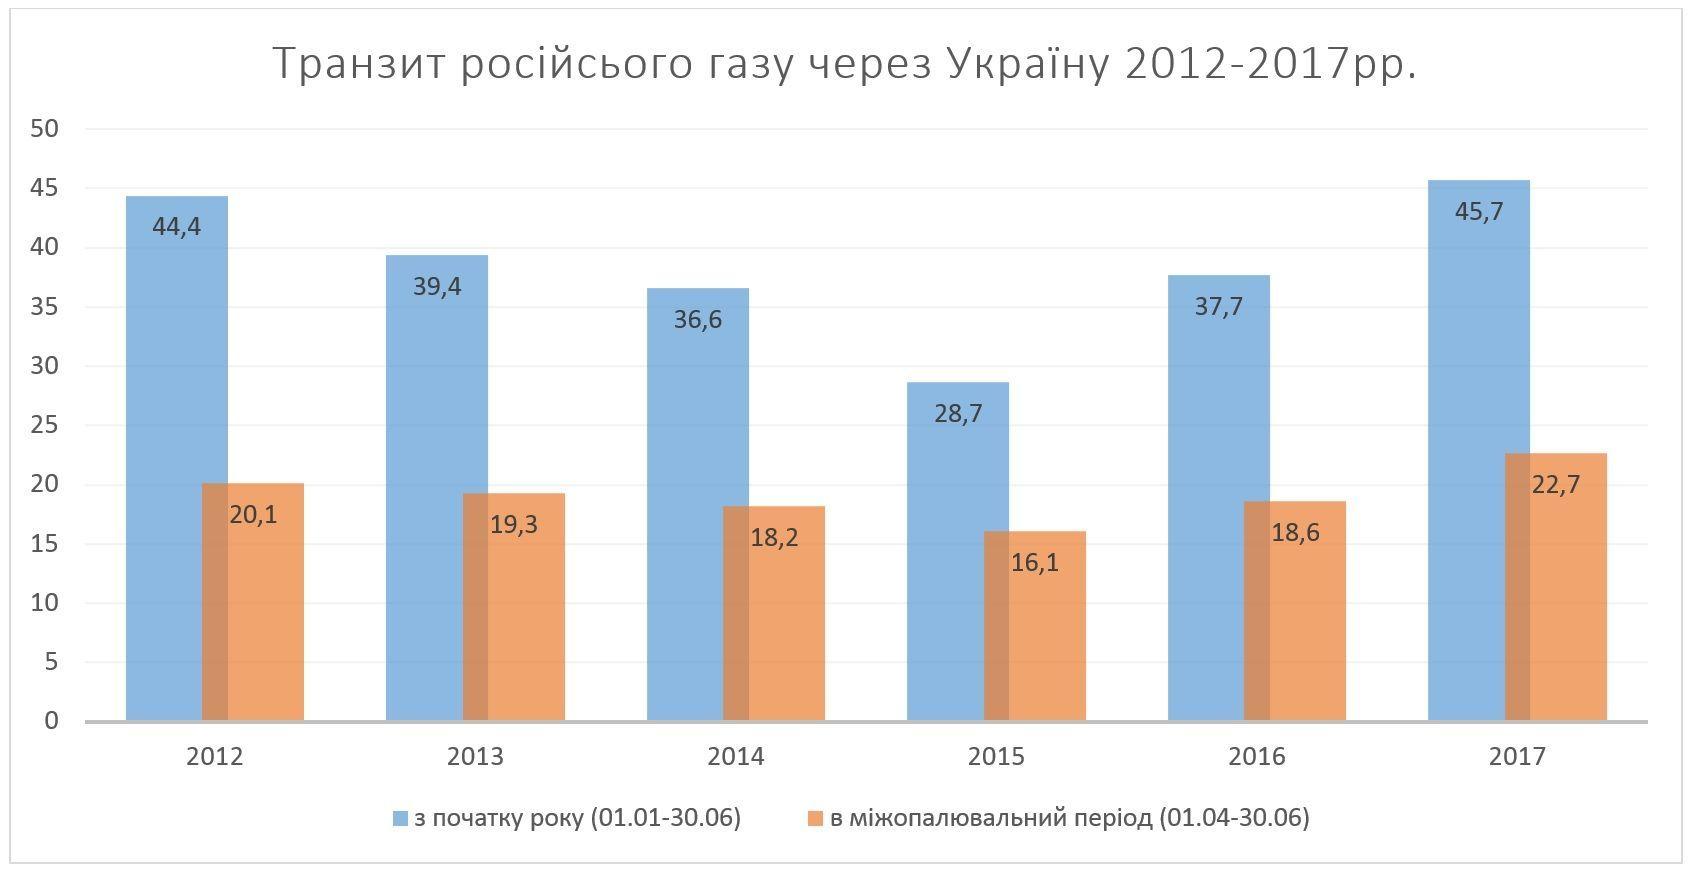 транзит російського газу_2